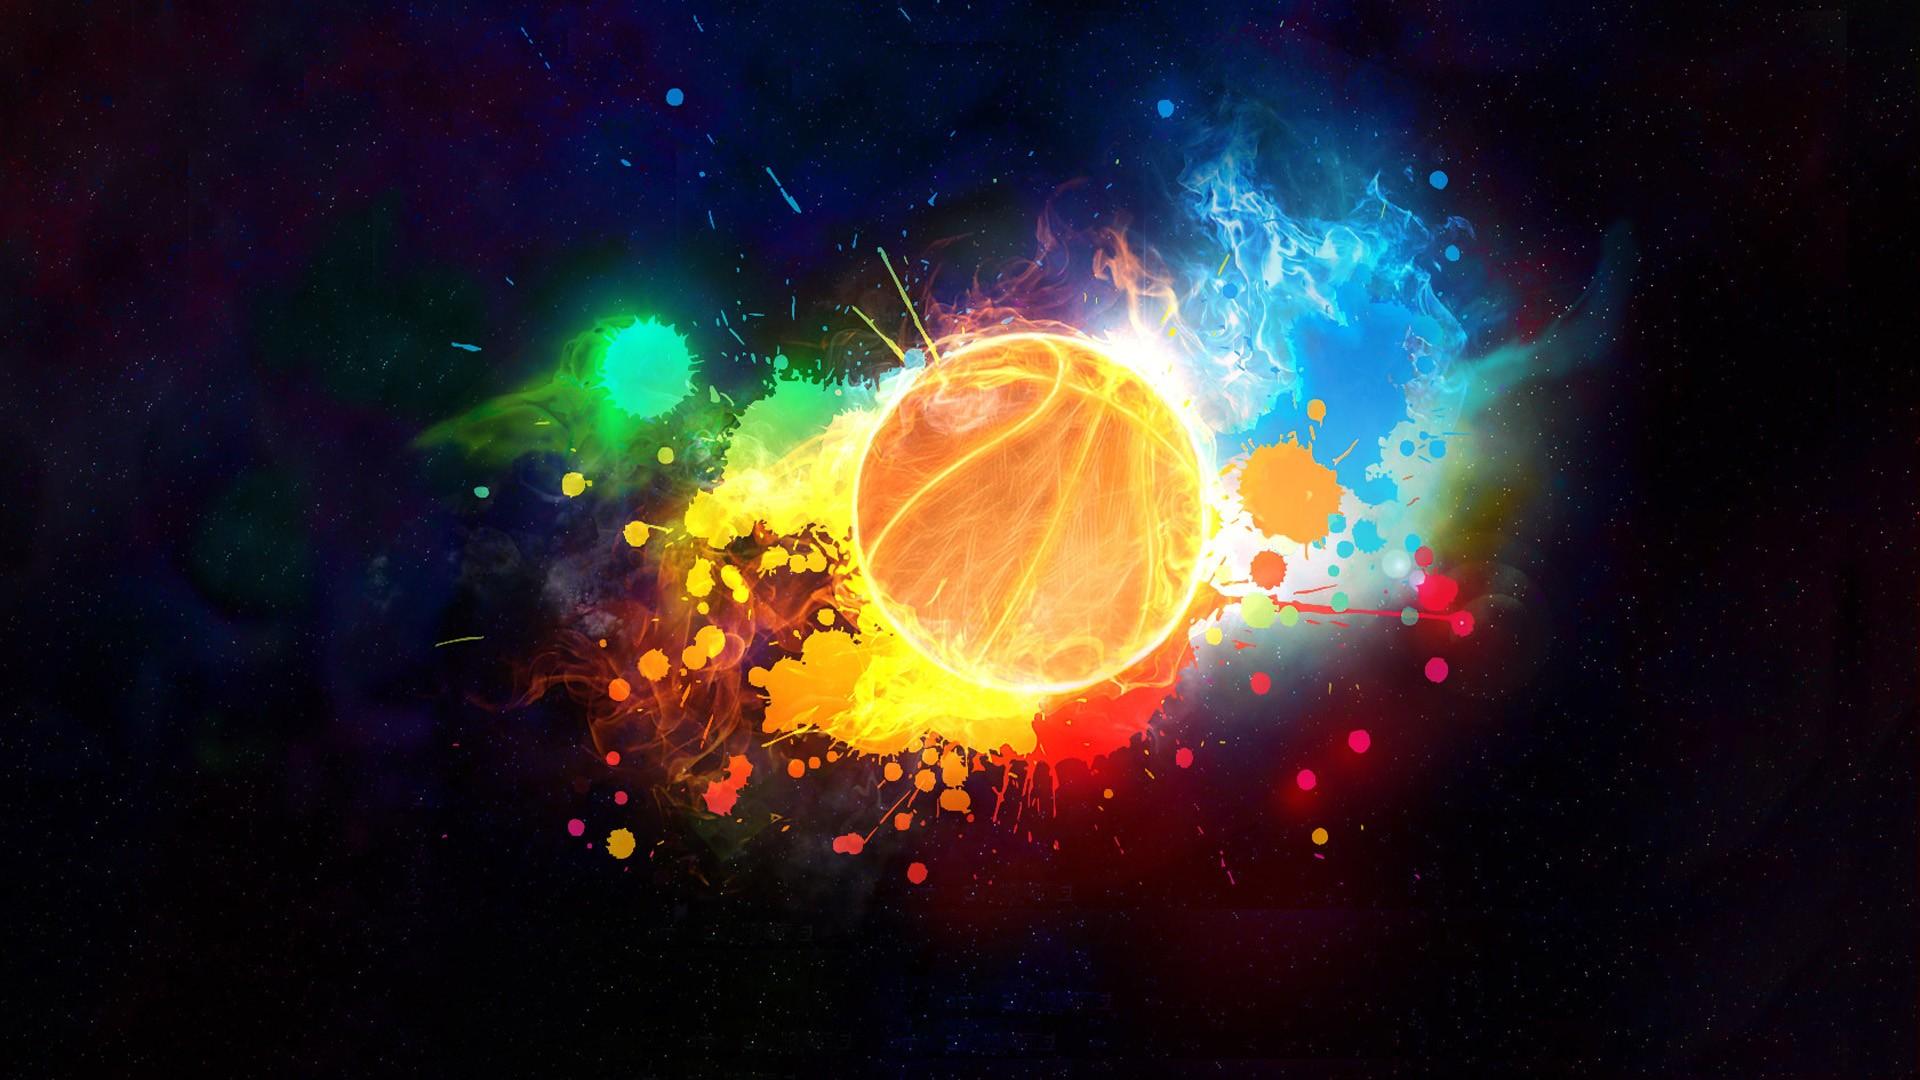 HD Desktop Wallpaper Basketball Games 2019 Basketball Wallpaper 1920x1080